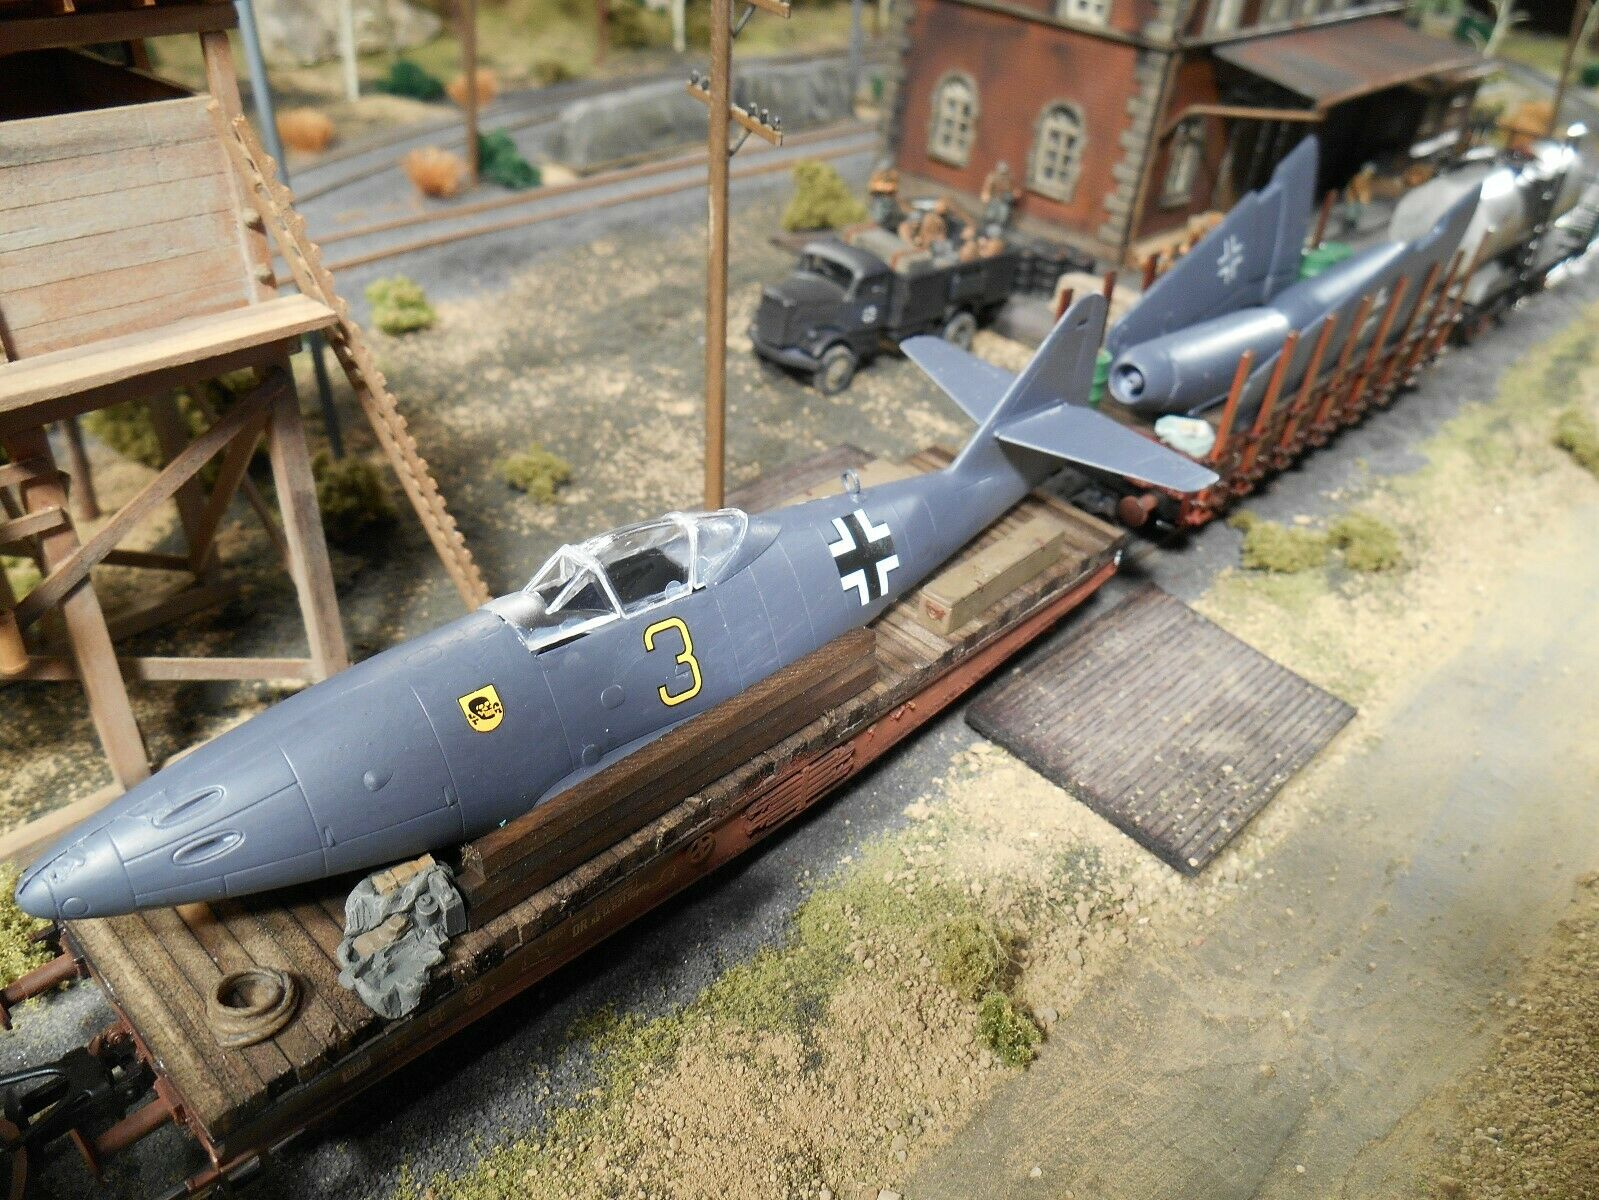 Entrega rápida y envío gratis en todos los pedidos. Ho Roco Minitank alemán Messerschmitt Jet Jet Jet ME262A Pintado a Mano  2579  tienda de venta